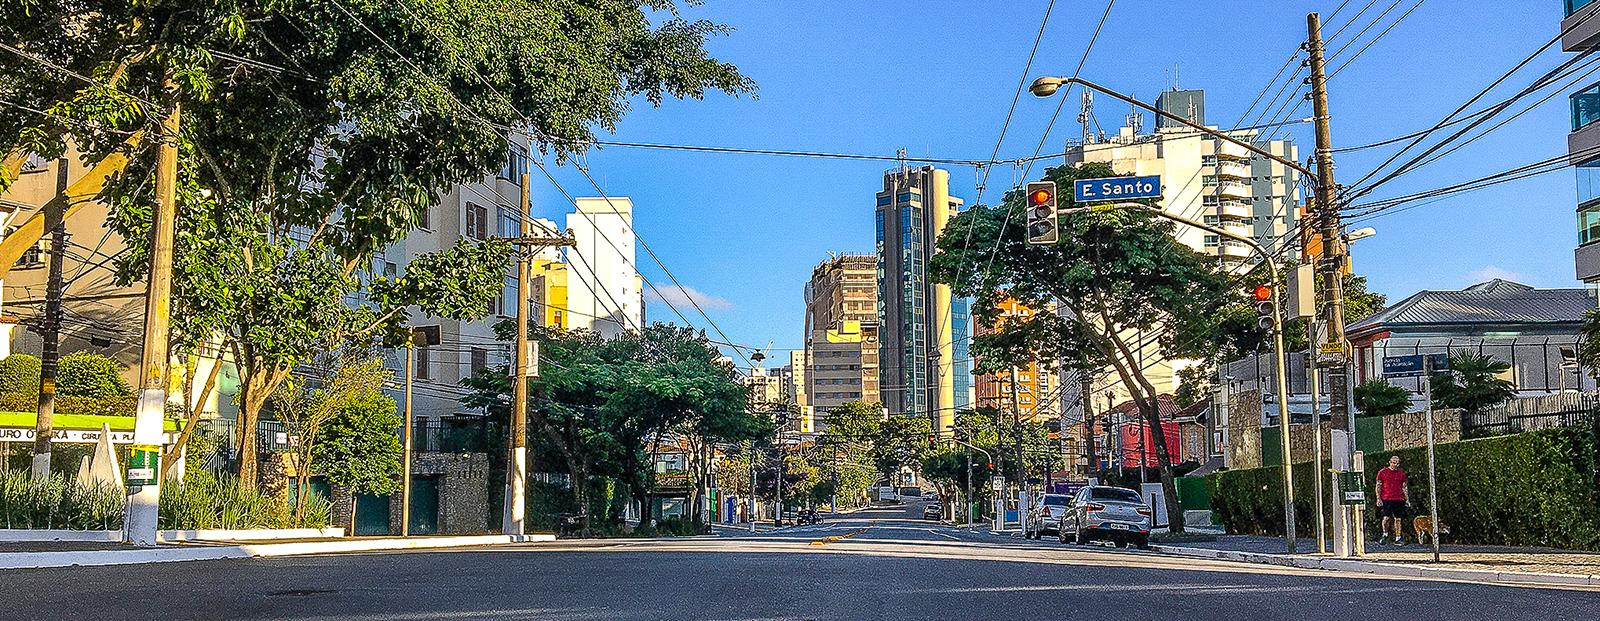 Bairro Aclimação, São Paulo - Guia do bairro